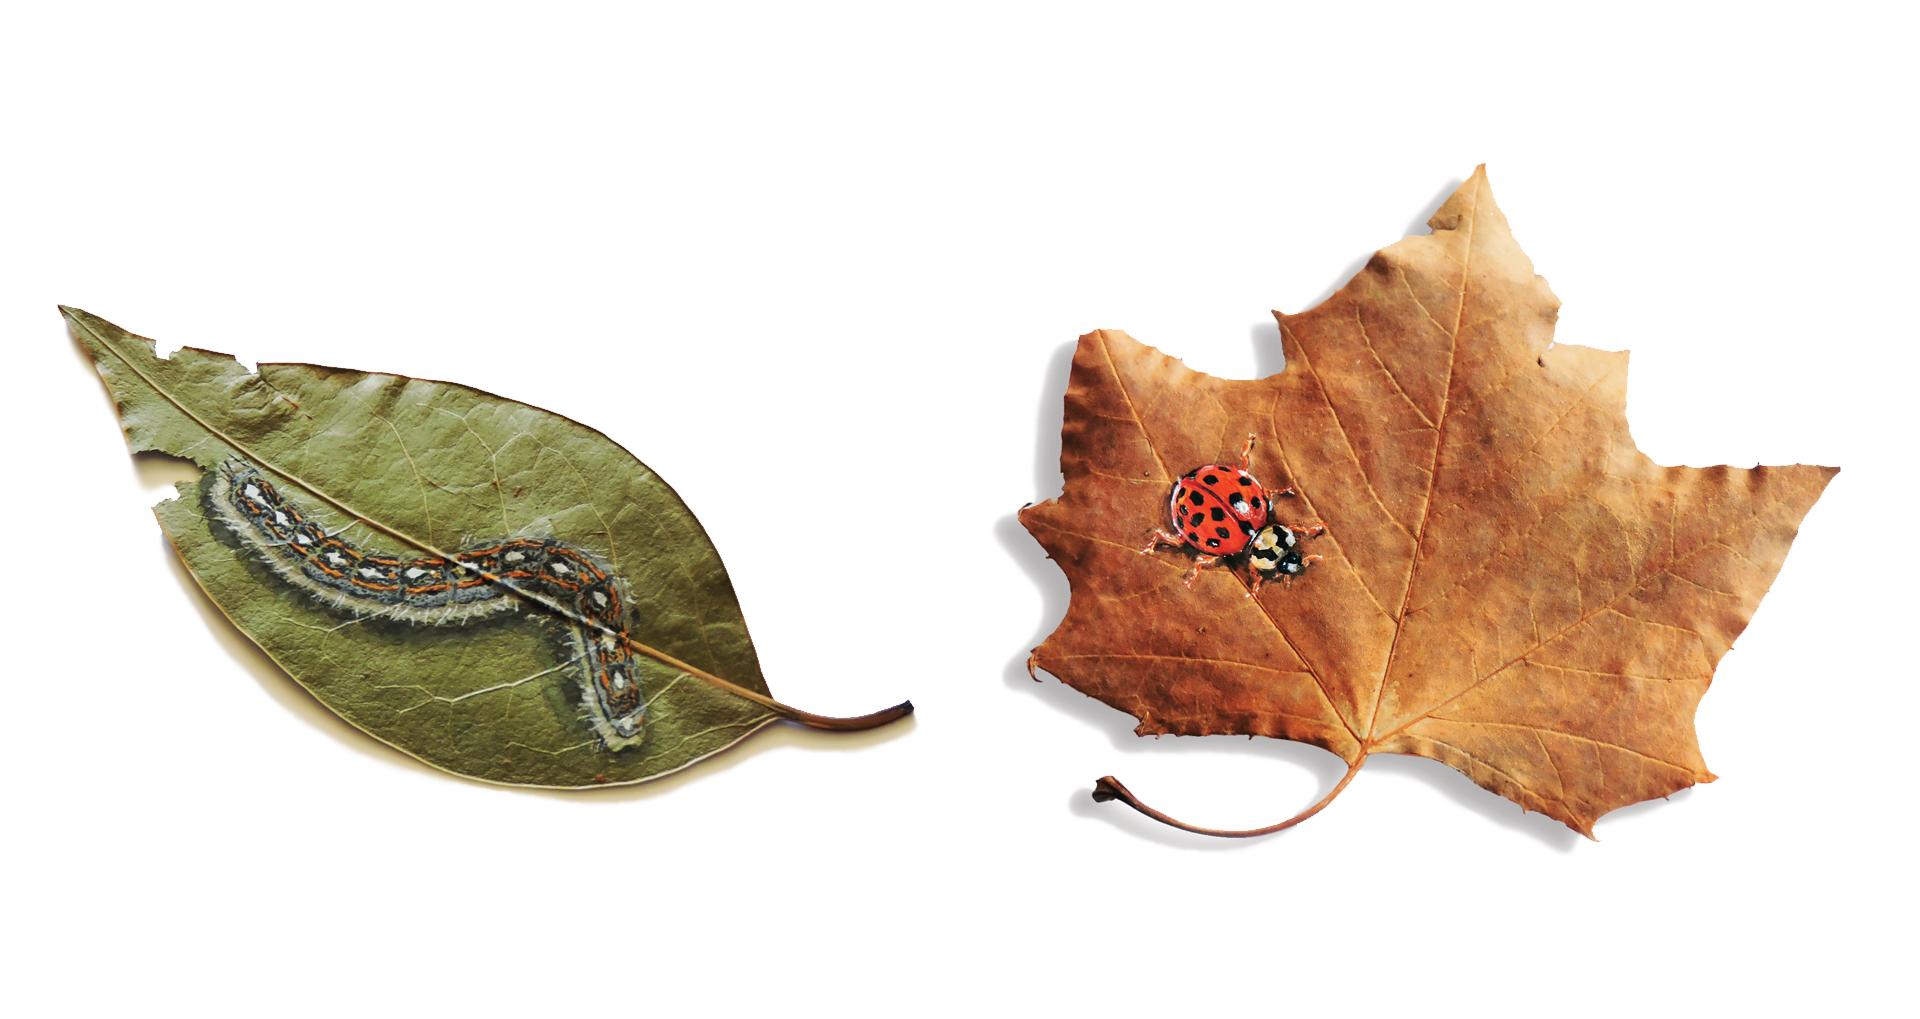 Visit LeafWorks Gallery